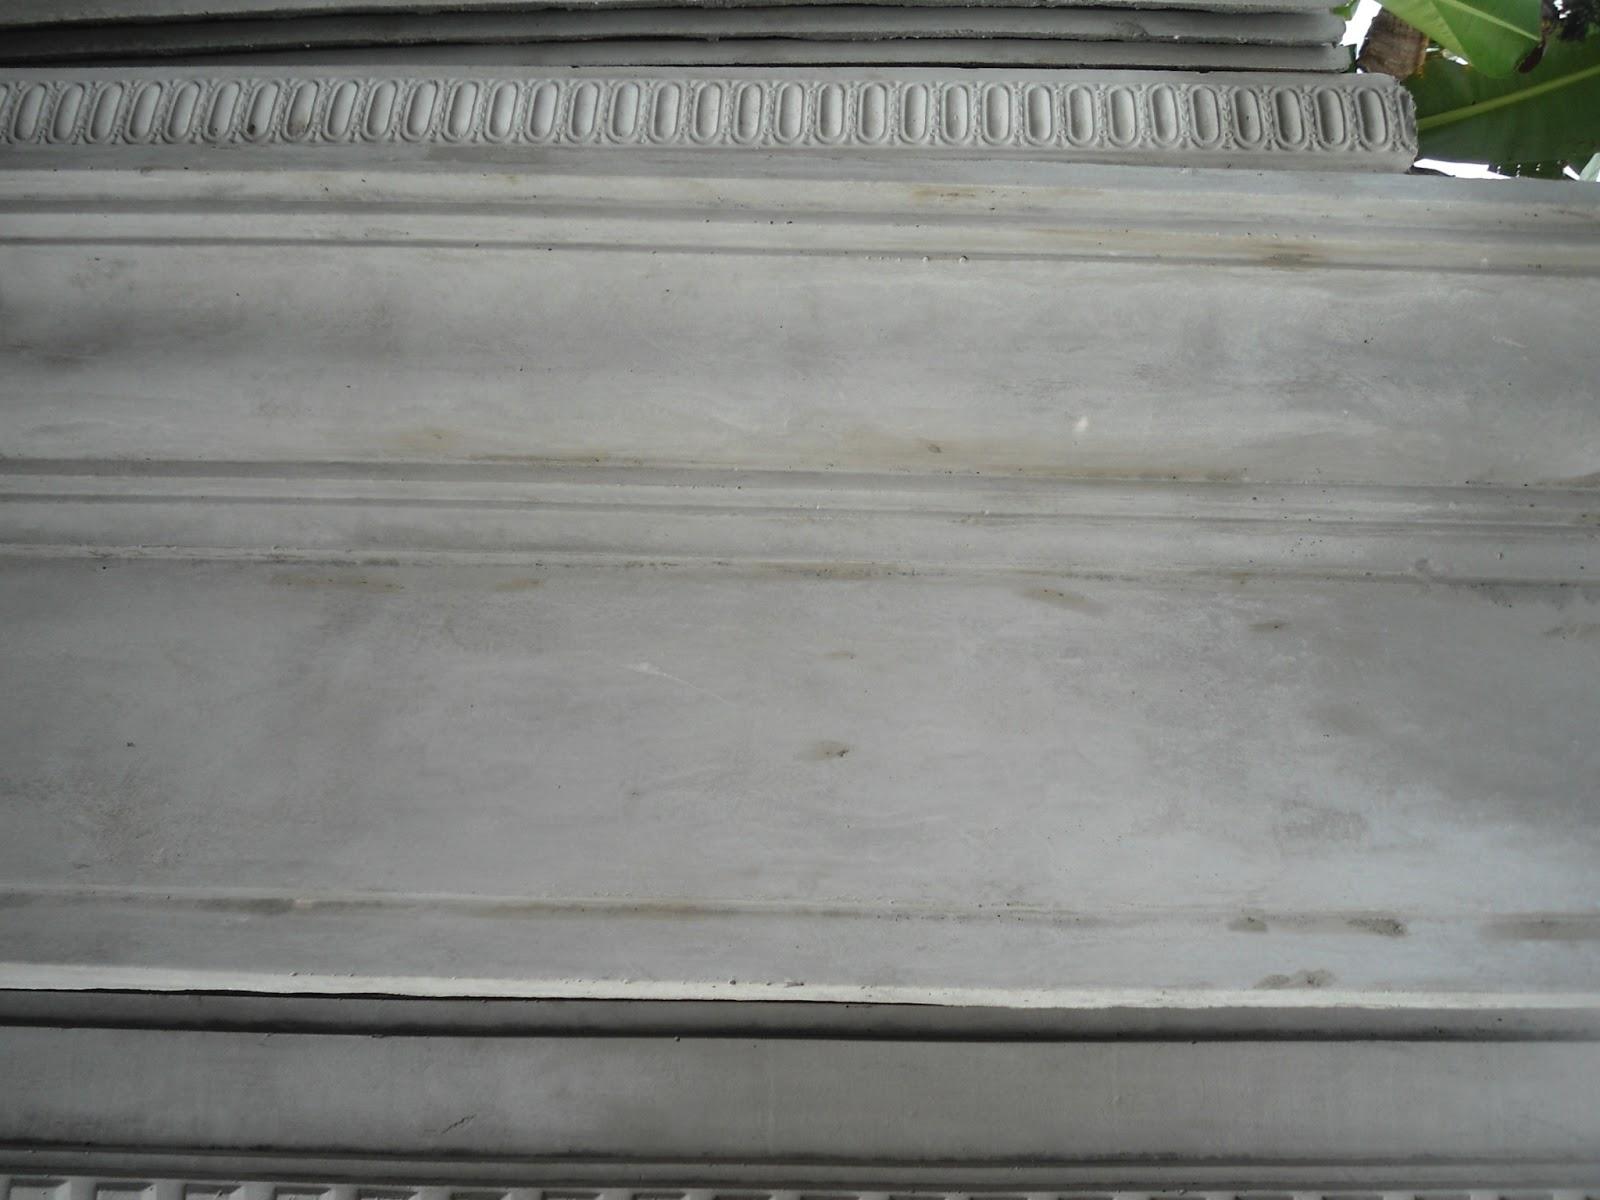 Listplank cetakan polos 60cmx200cm harga Rp a81165ce82